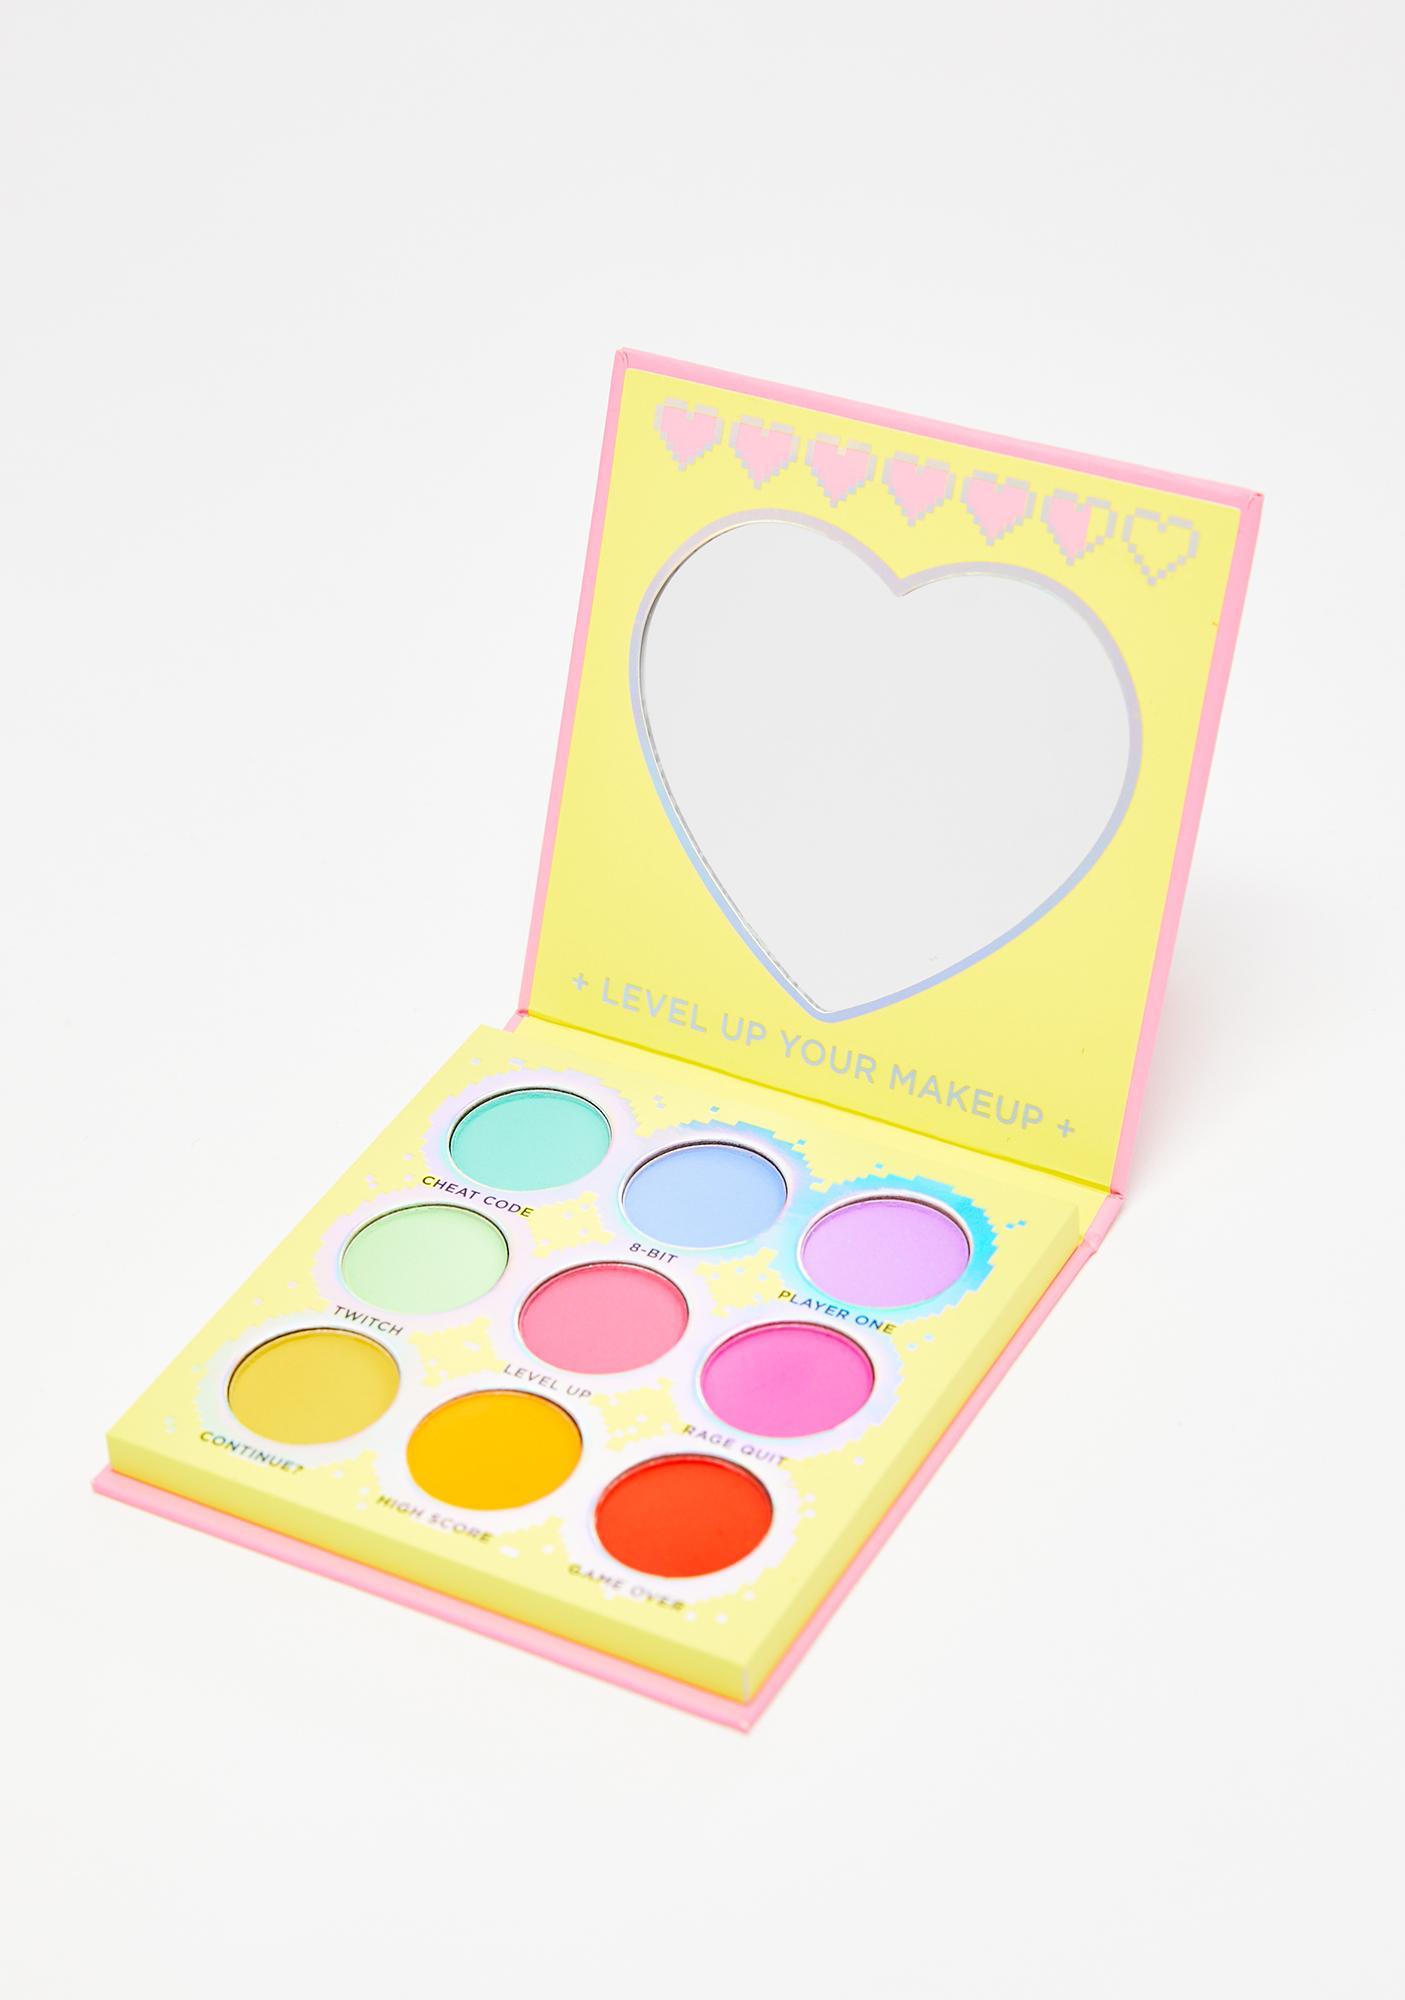 Sugarpill Fun Size Eyeshadow Palette